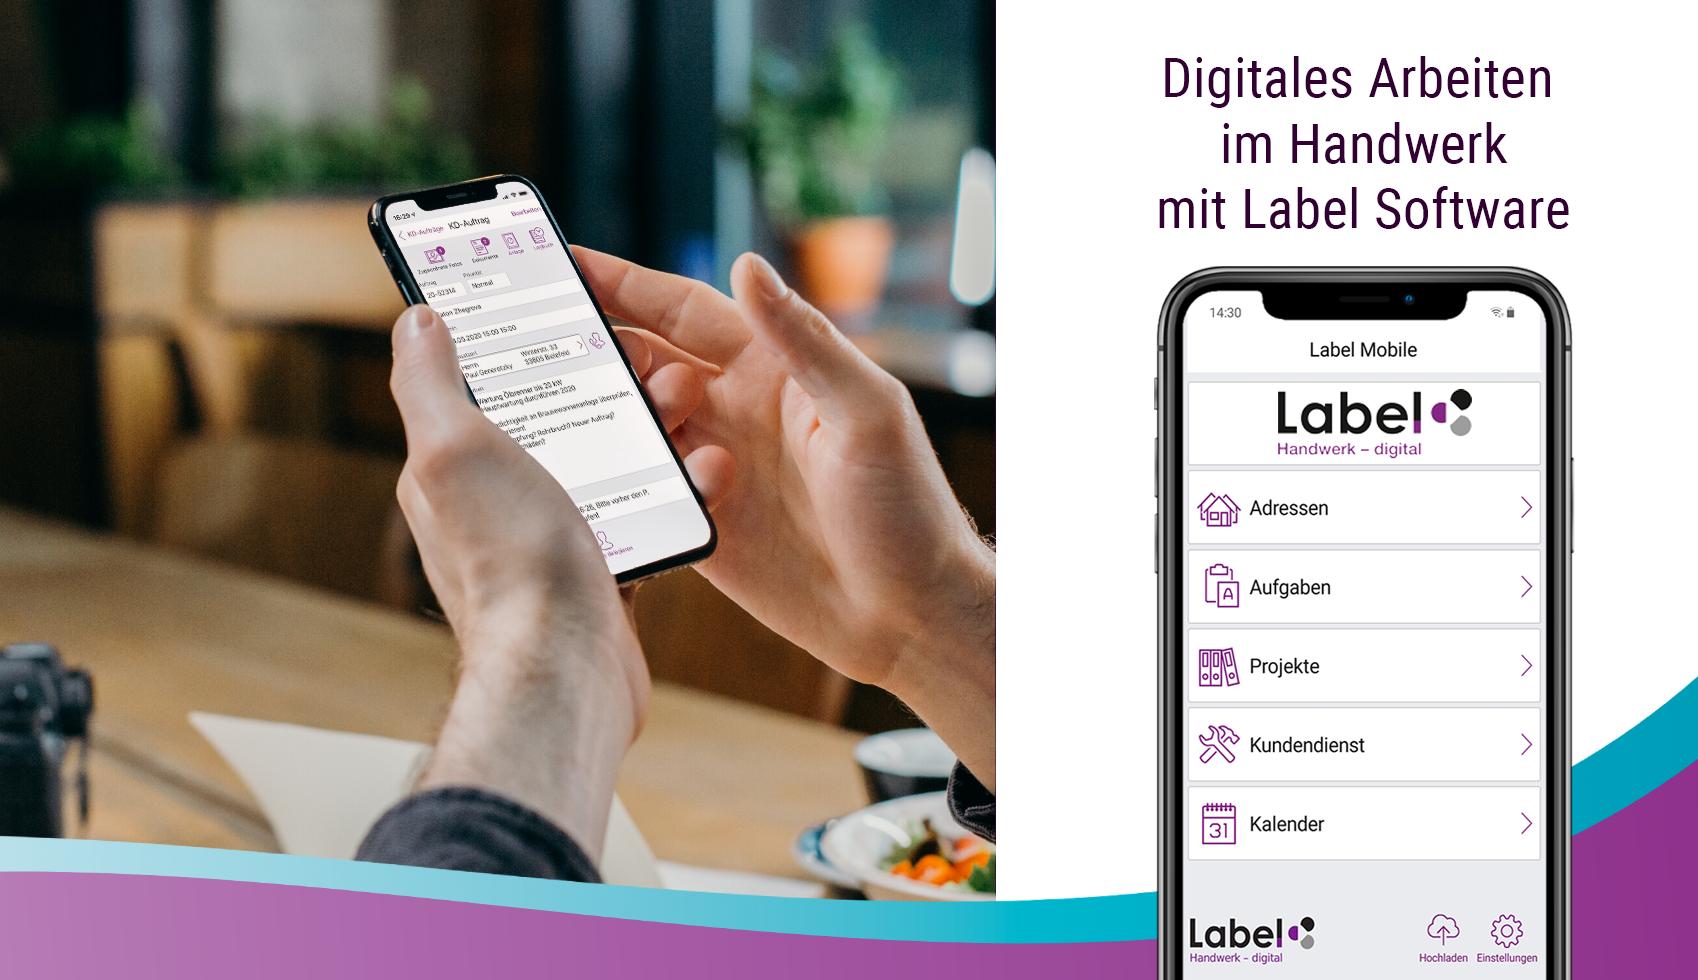 Digitales Arbeiten im Handwerk mit Label Software